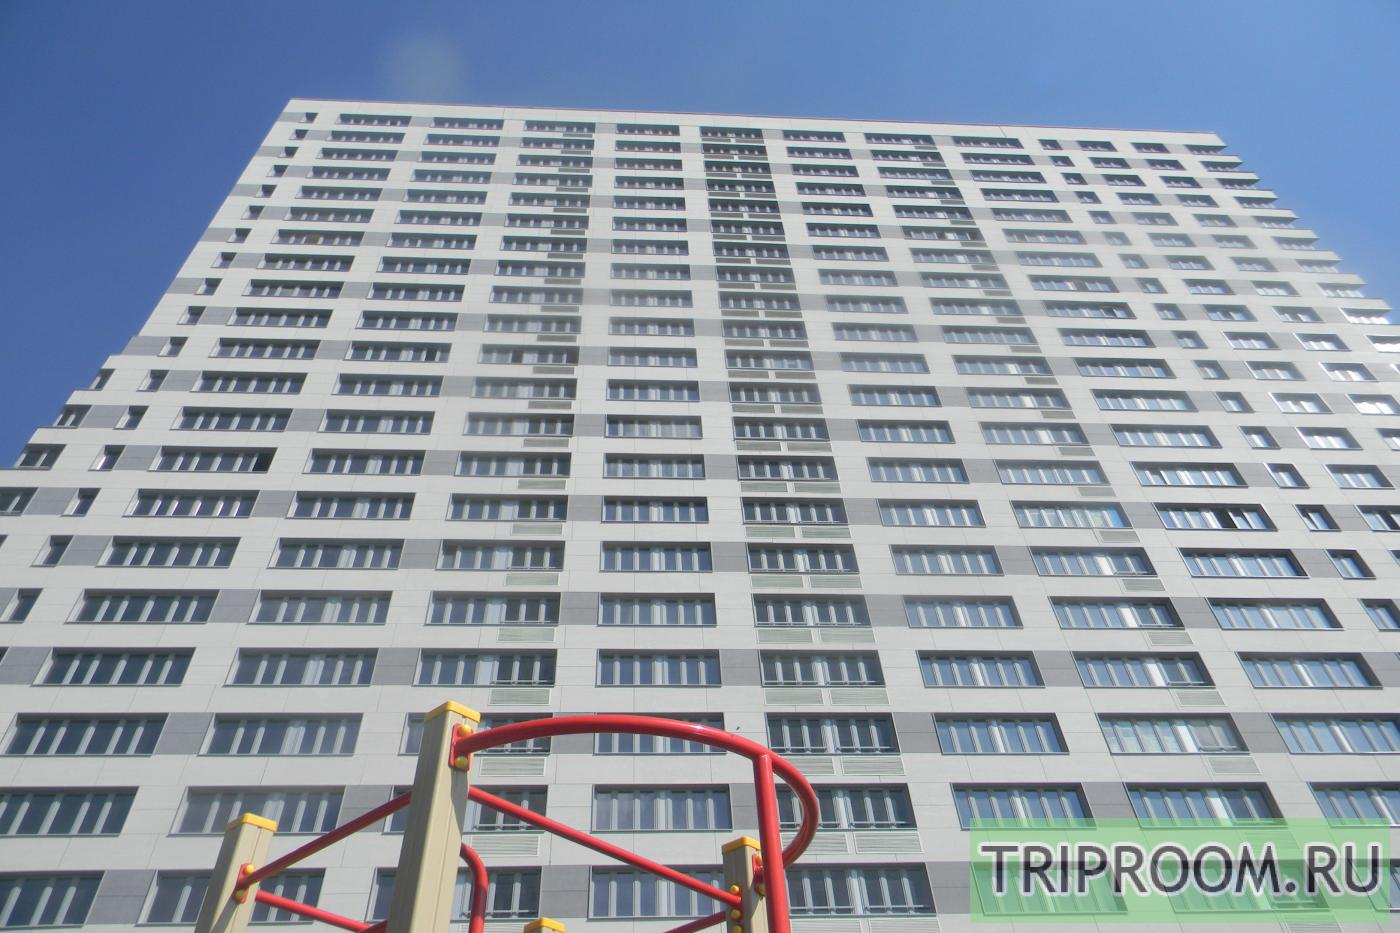 1-комнатная квартира посуточно (вариант № 10495), ул. Щербаковский переулок, фото № 12